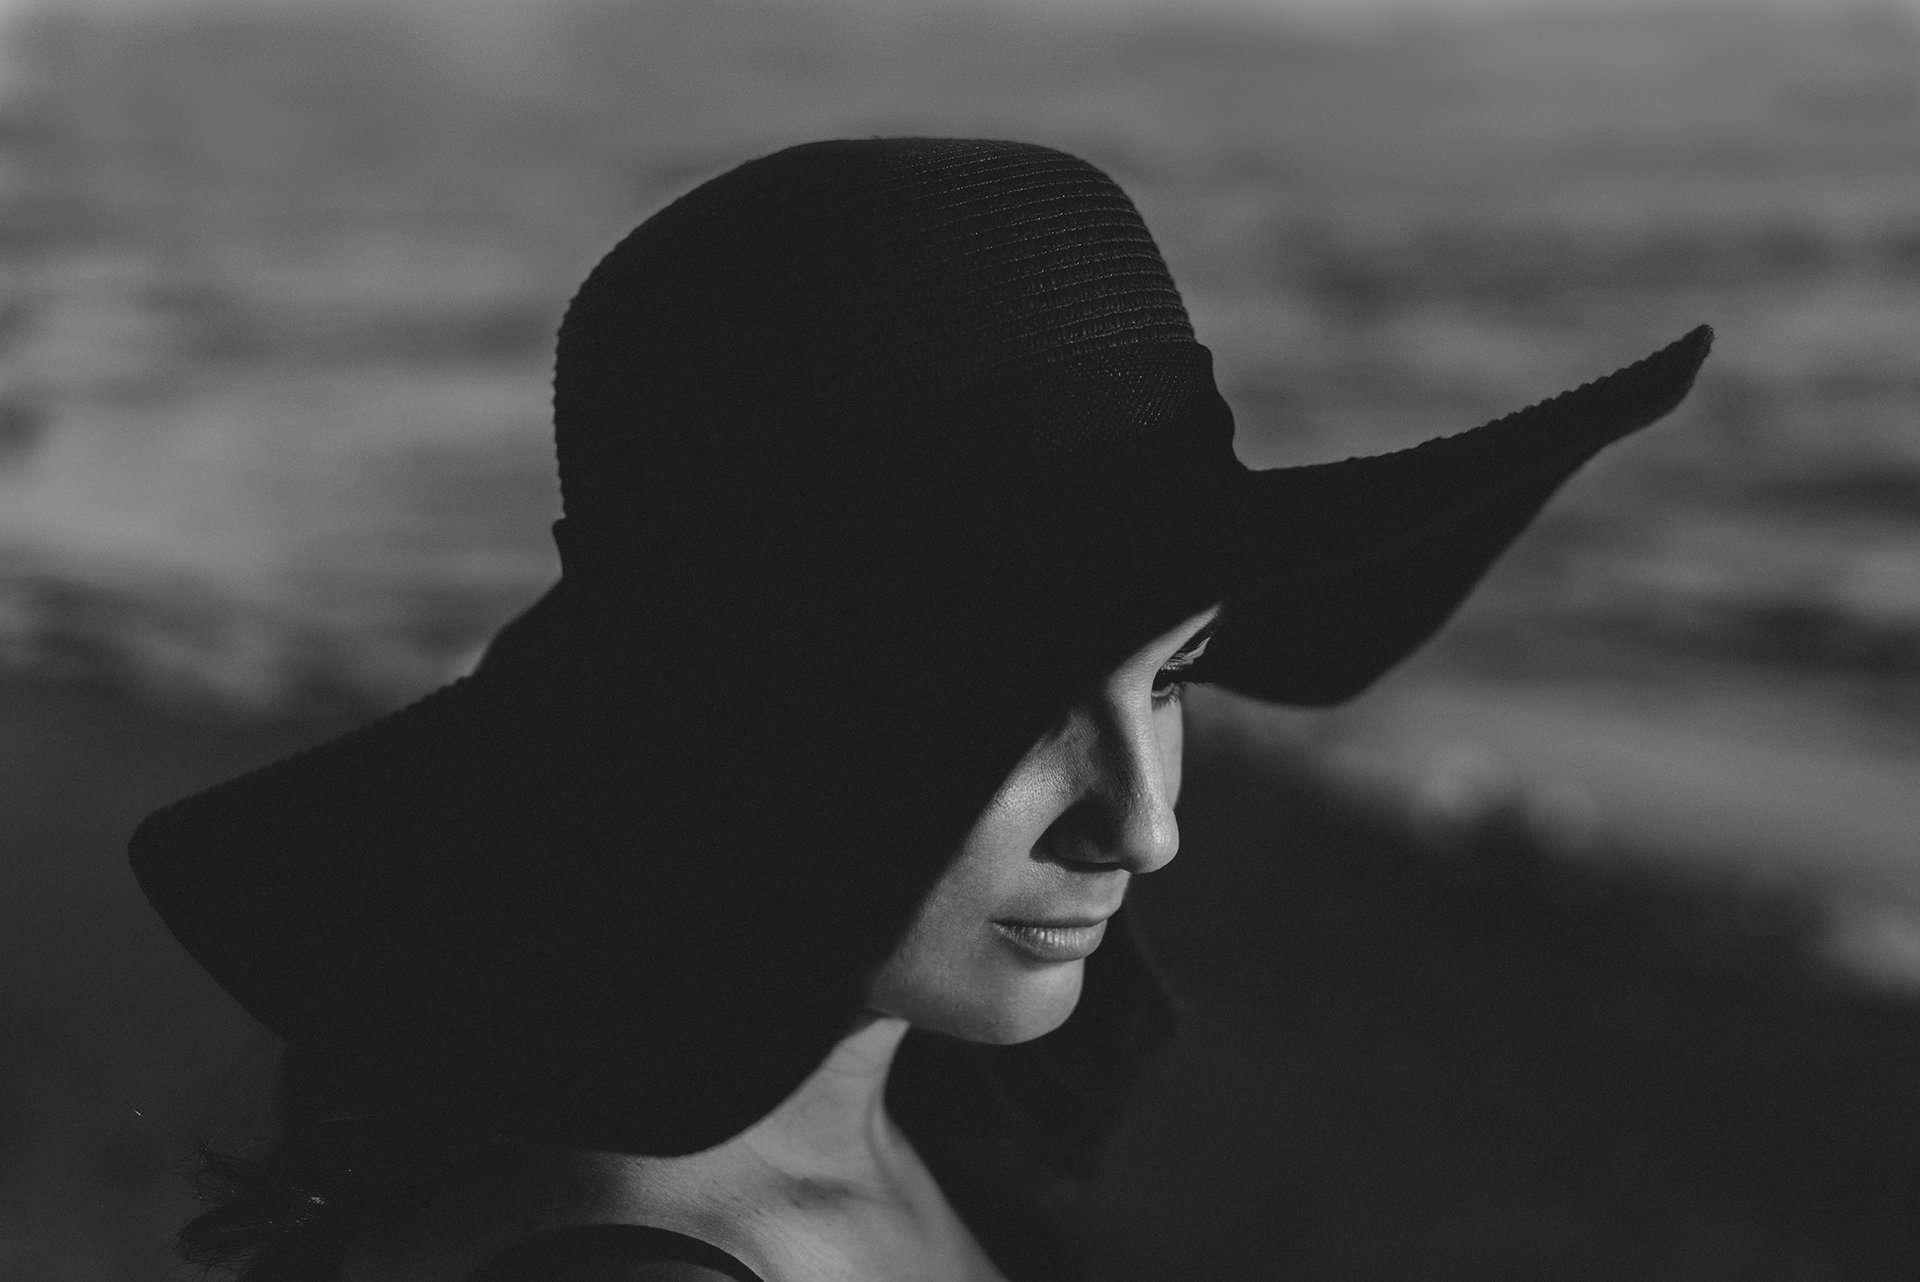 Fotografia donna con cappello realizzata da Barbara Trincone Fotografo specializzato in Gravidanza, Maternità, Genitorialità, Nascita e Newborn a Napoli, Caserta, Avellino, Salerno